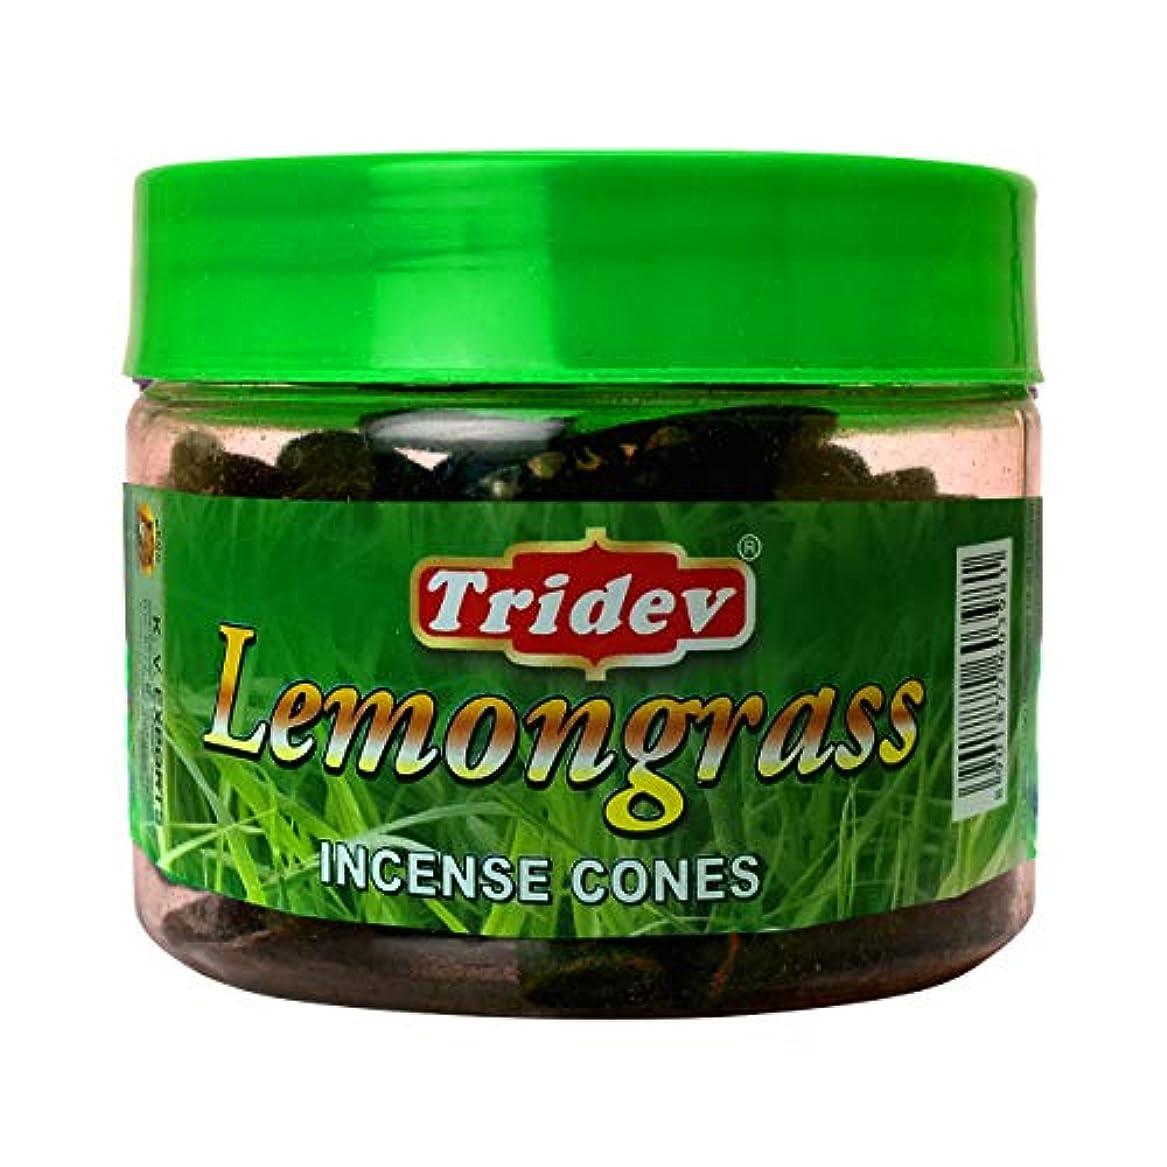 活性化ボリューム盗難Tridev レモングラスフレグランス コーン型お香瓶 1080グラム ボックス入り 12個入り 輸出品質